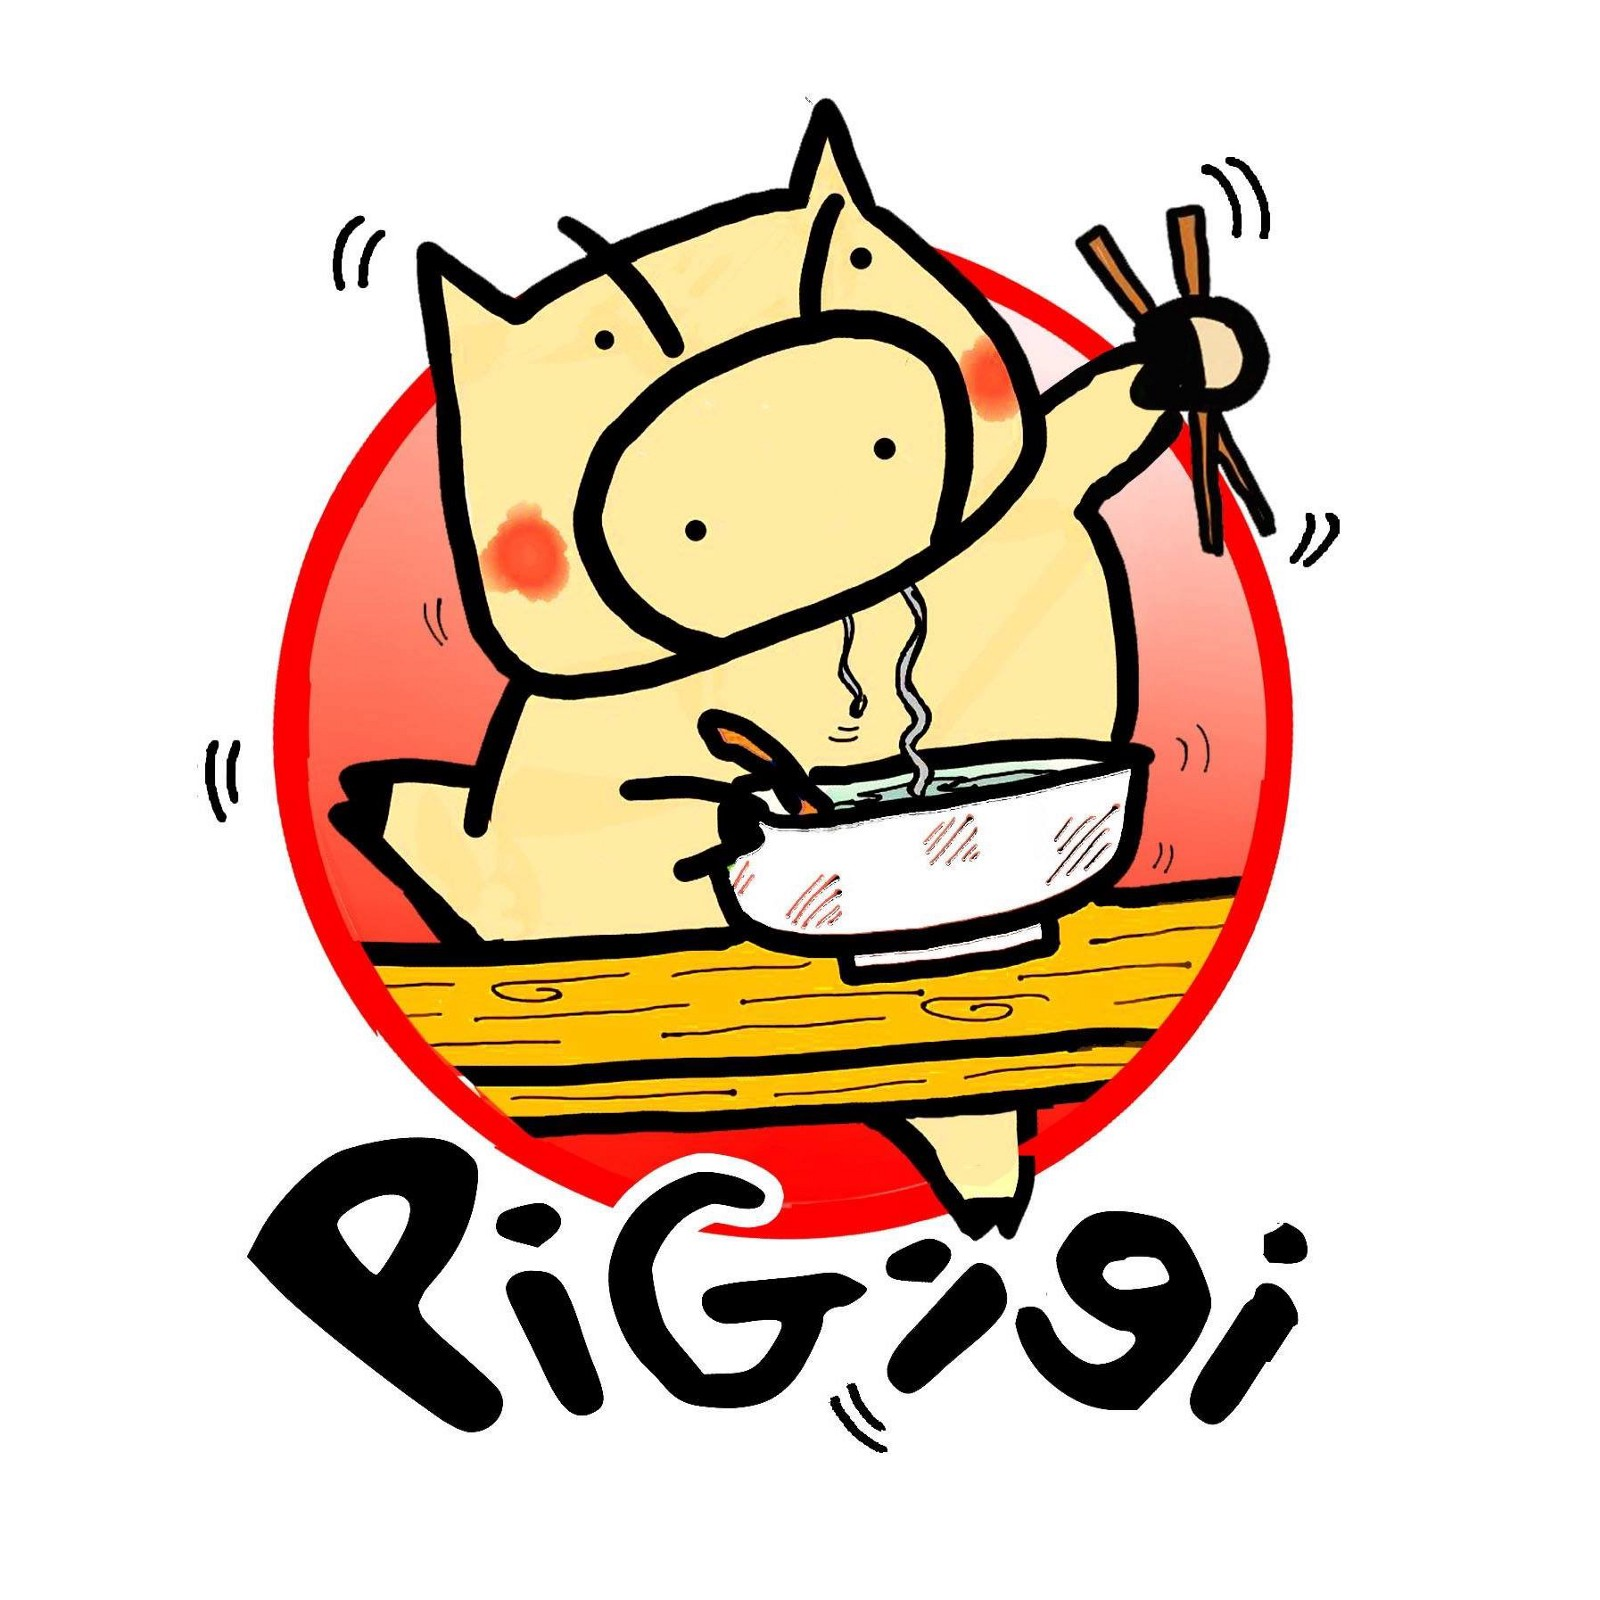 Pigigi logo